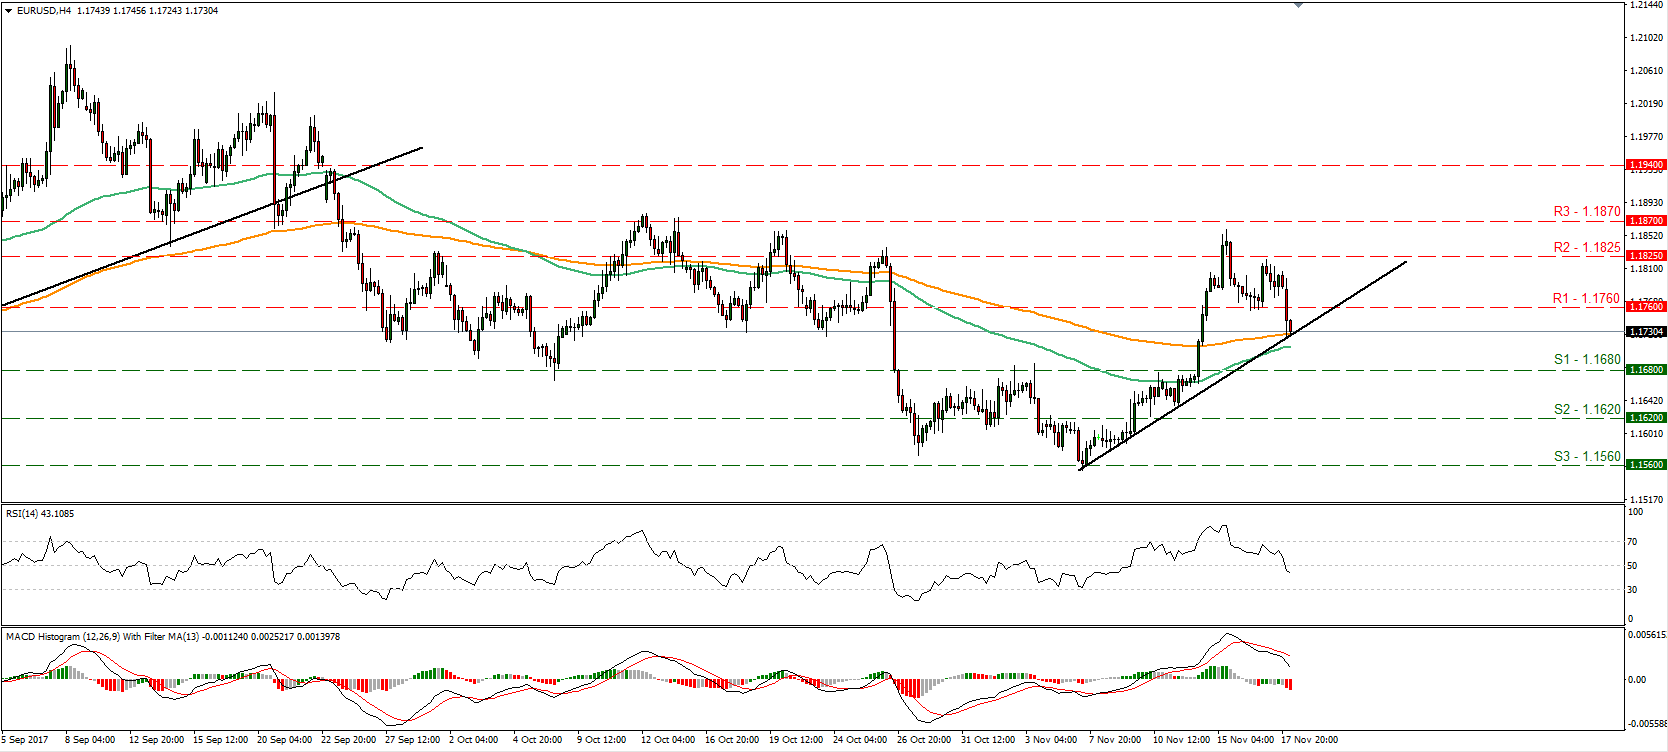 EUR/USD 20 Nov 2017 | Econ Alerts